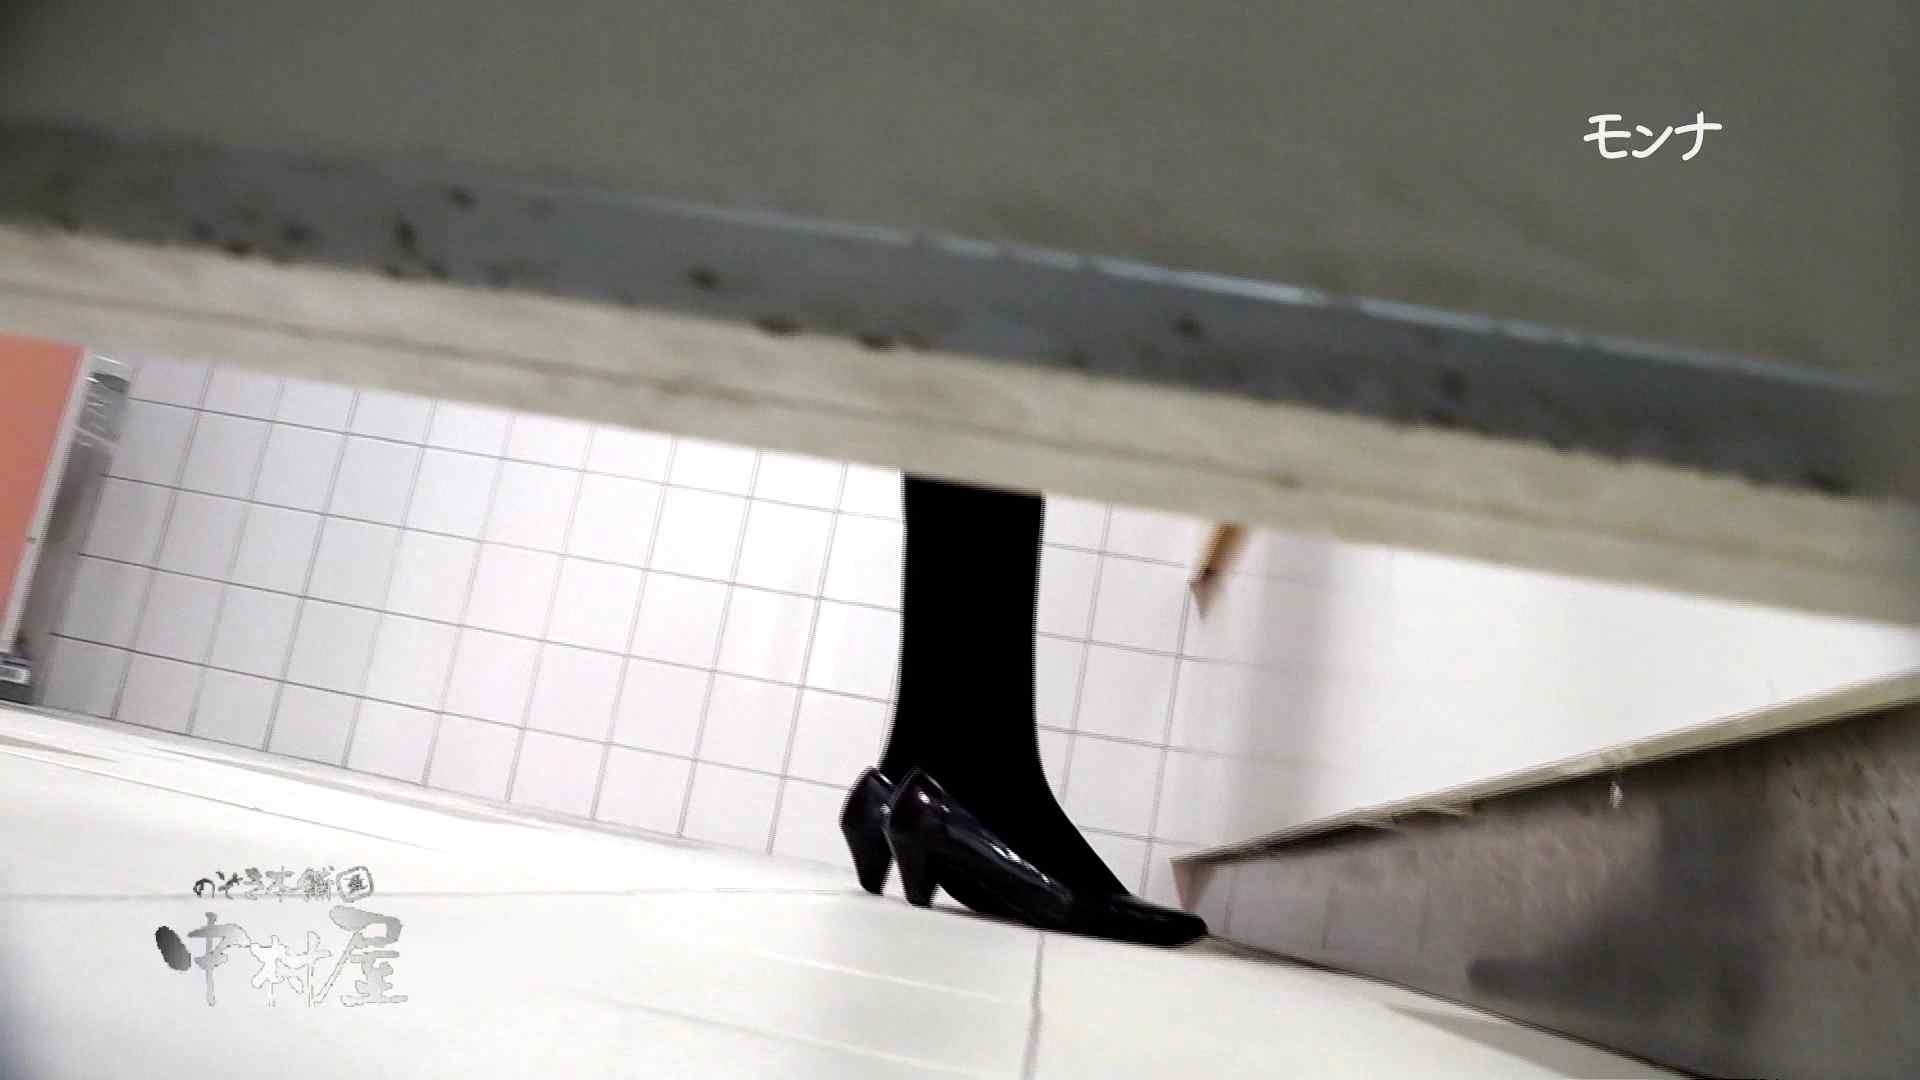 【美しい日本の未来】新学期!!下半身中心に攻めてます美女可愛い女子悪戯盗satuトイレ後編 美女まとめ | お姉さんの下半身  100PIX 21